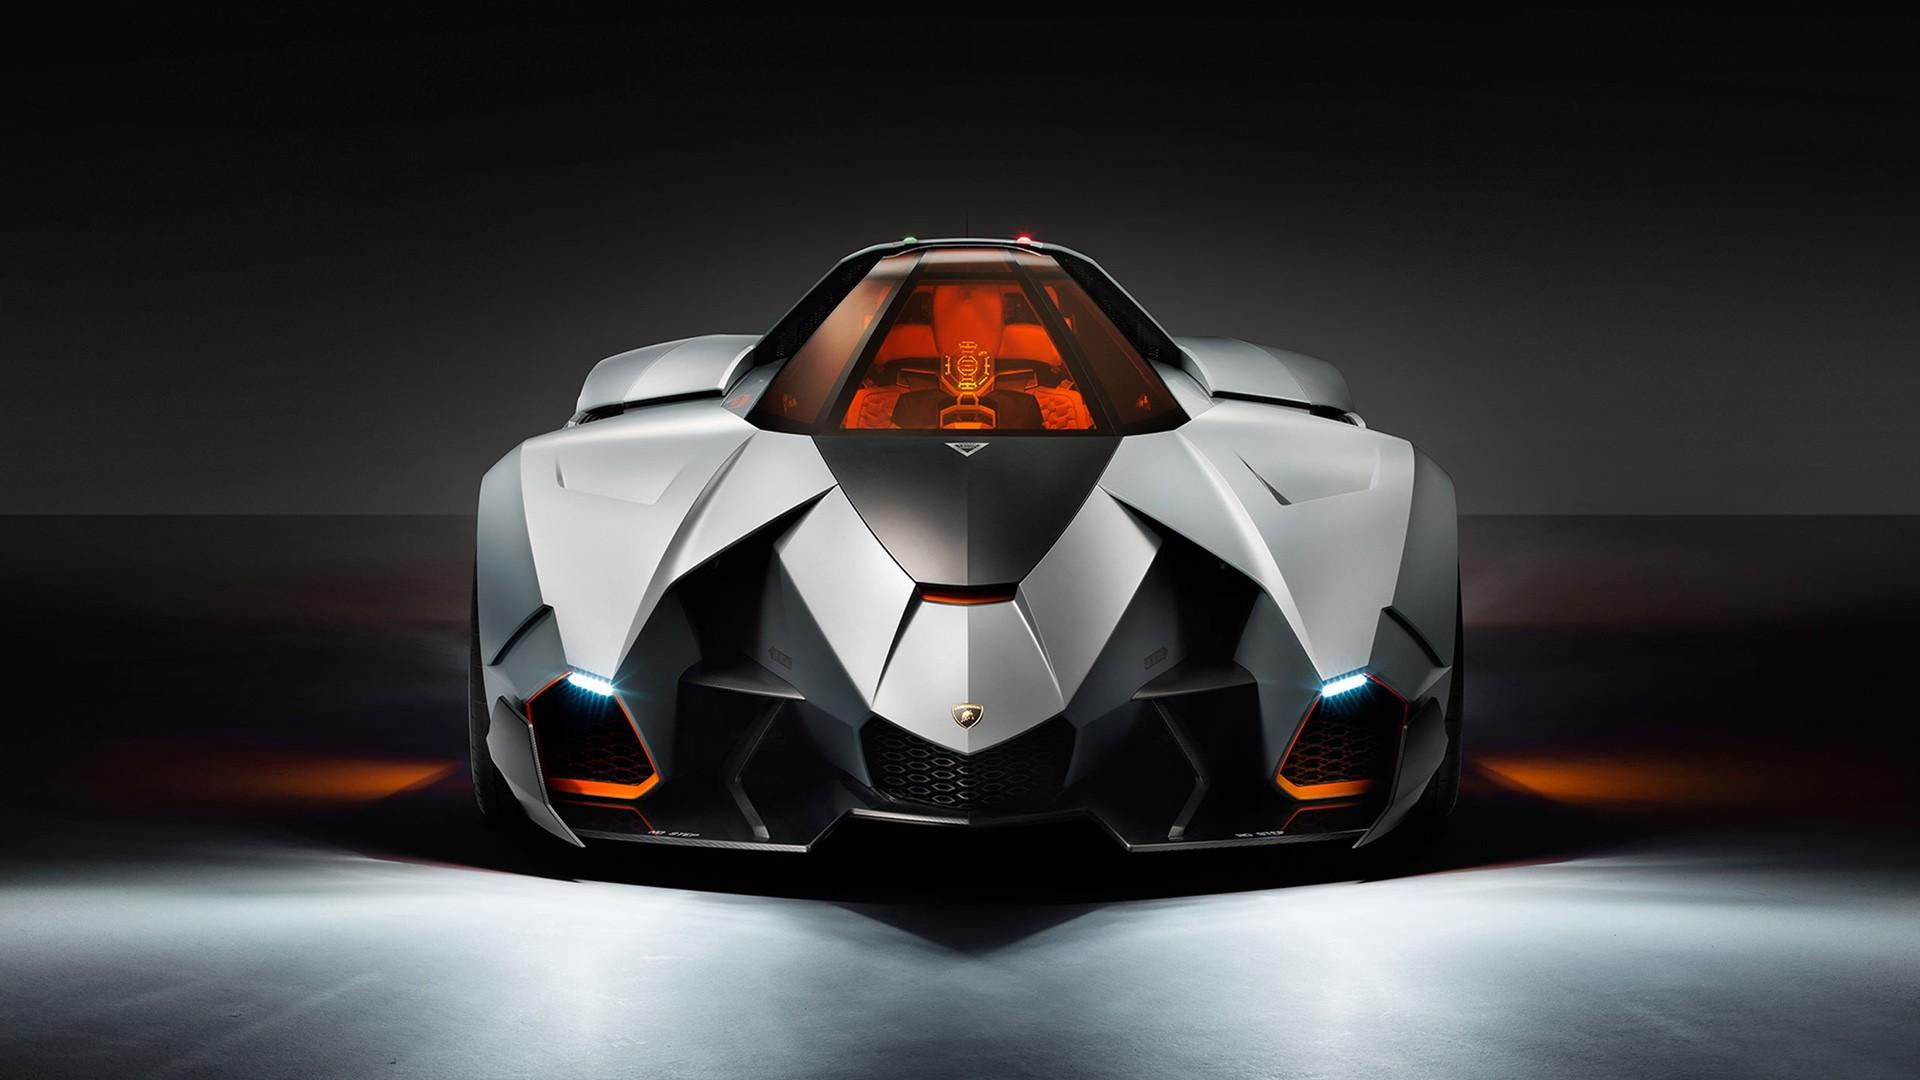 Lamborghini Egoista Concept 4 Wallpaper | HD Car ...